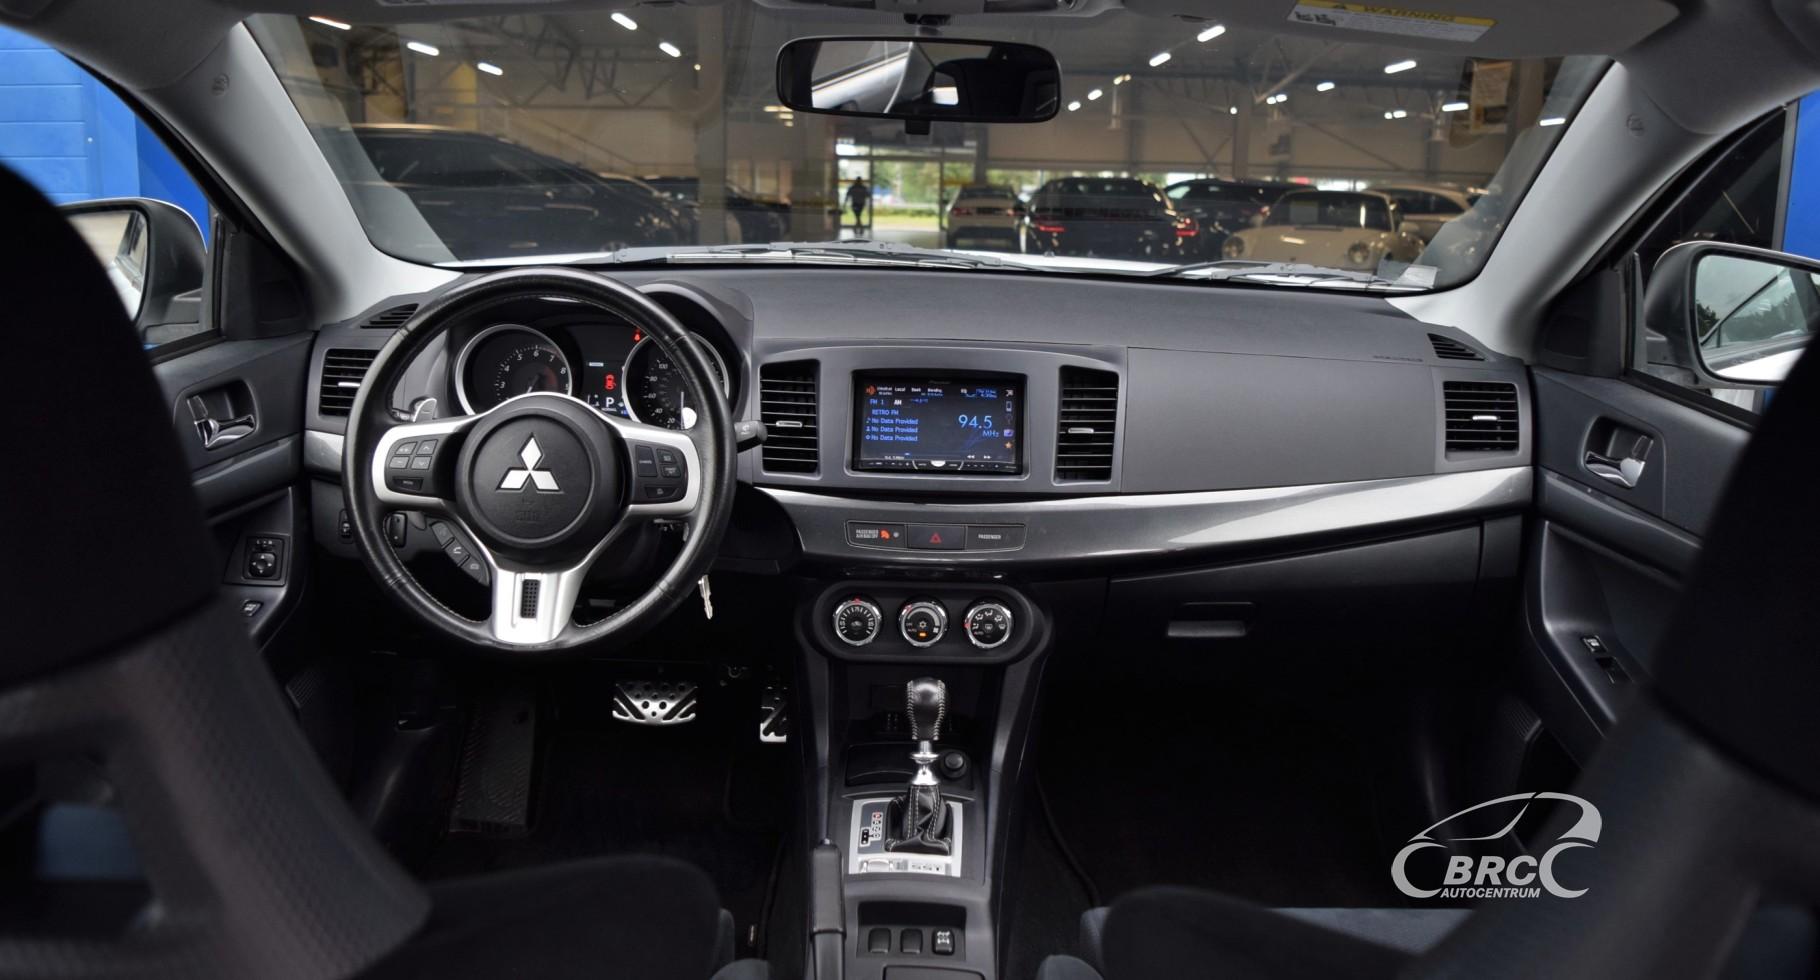 Mitsubishi Lancer Evolution X MR A/T